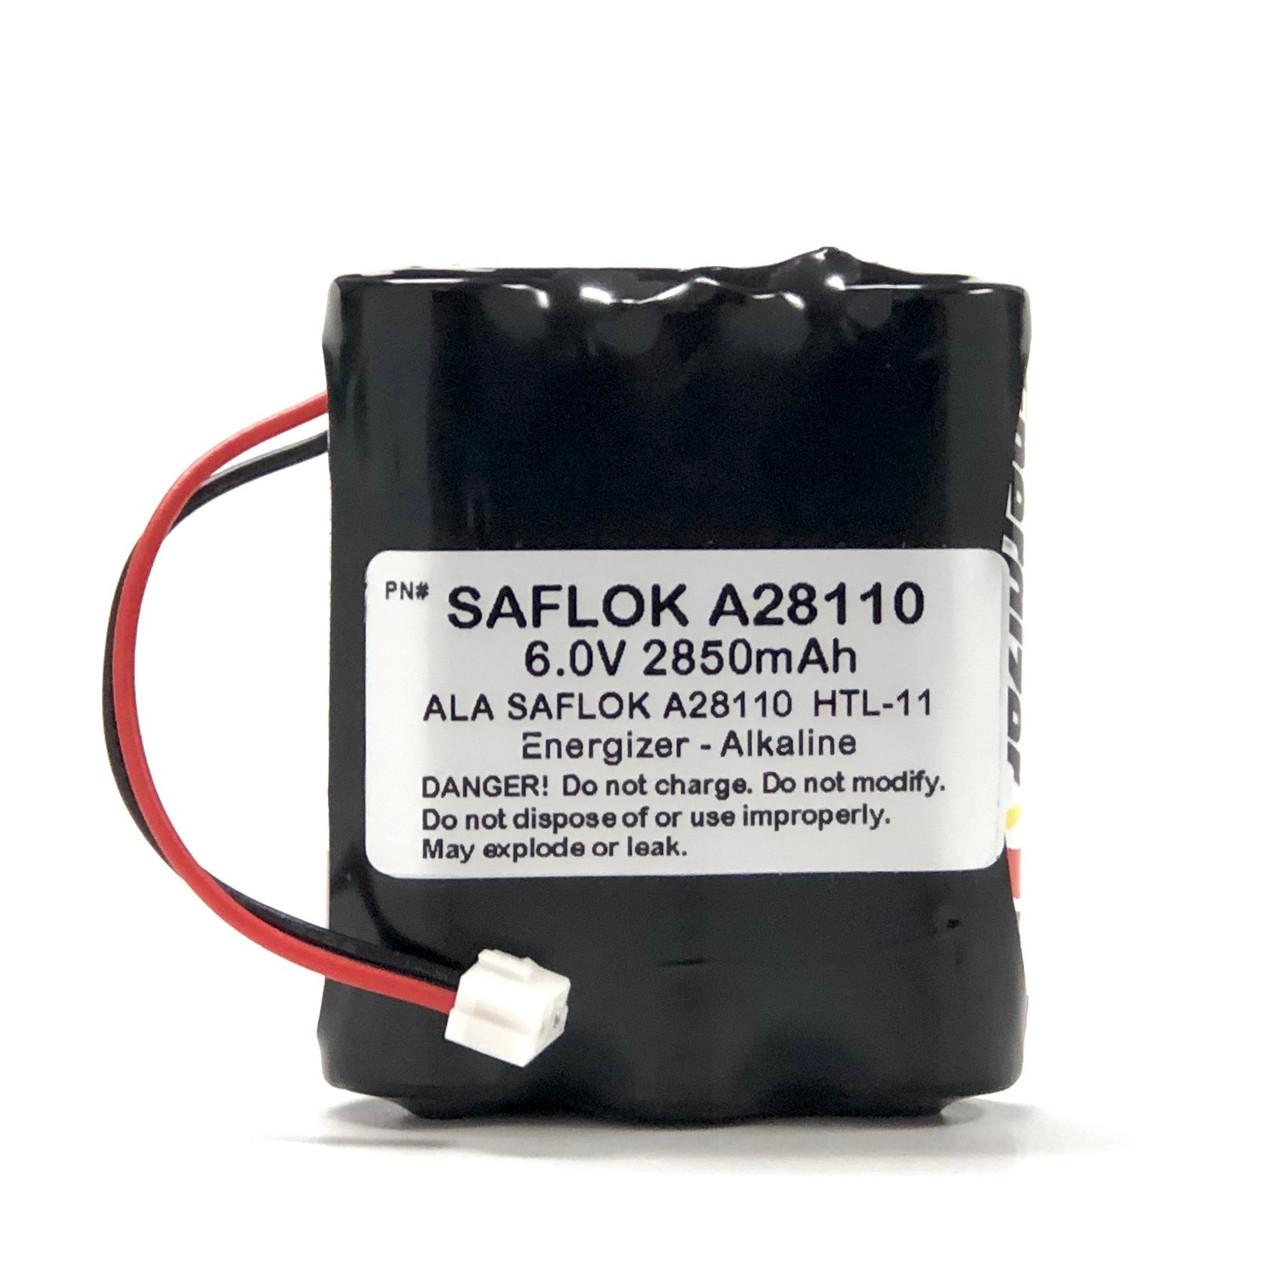 Saflok A28110 Door Lock Batteries